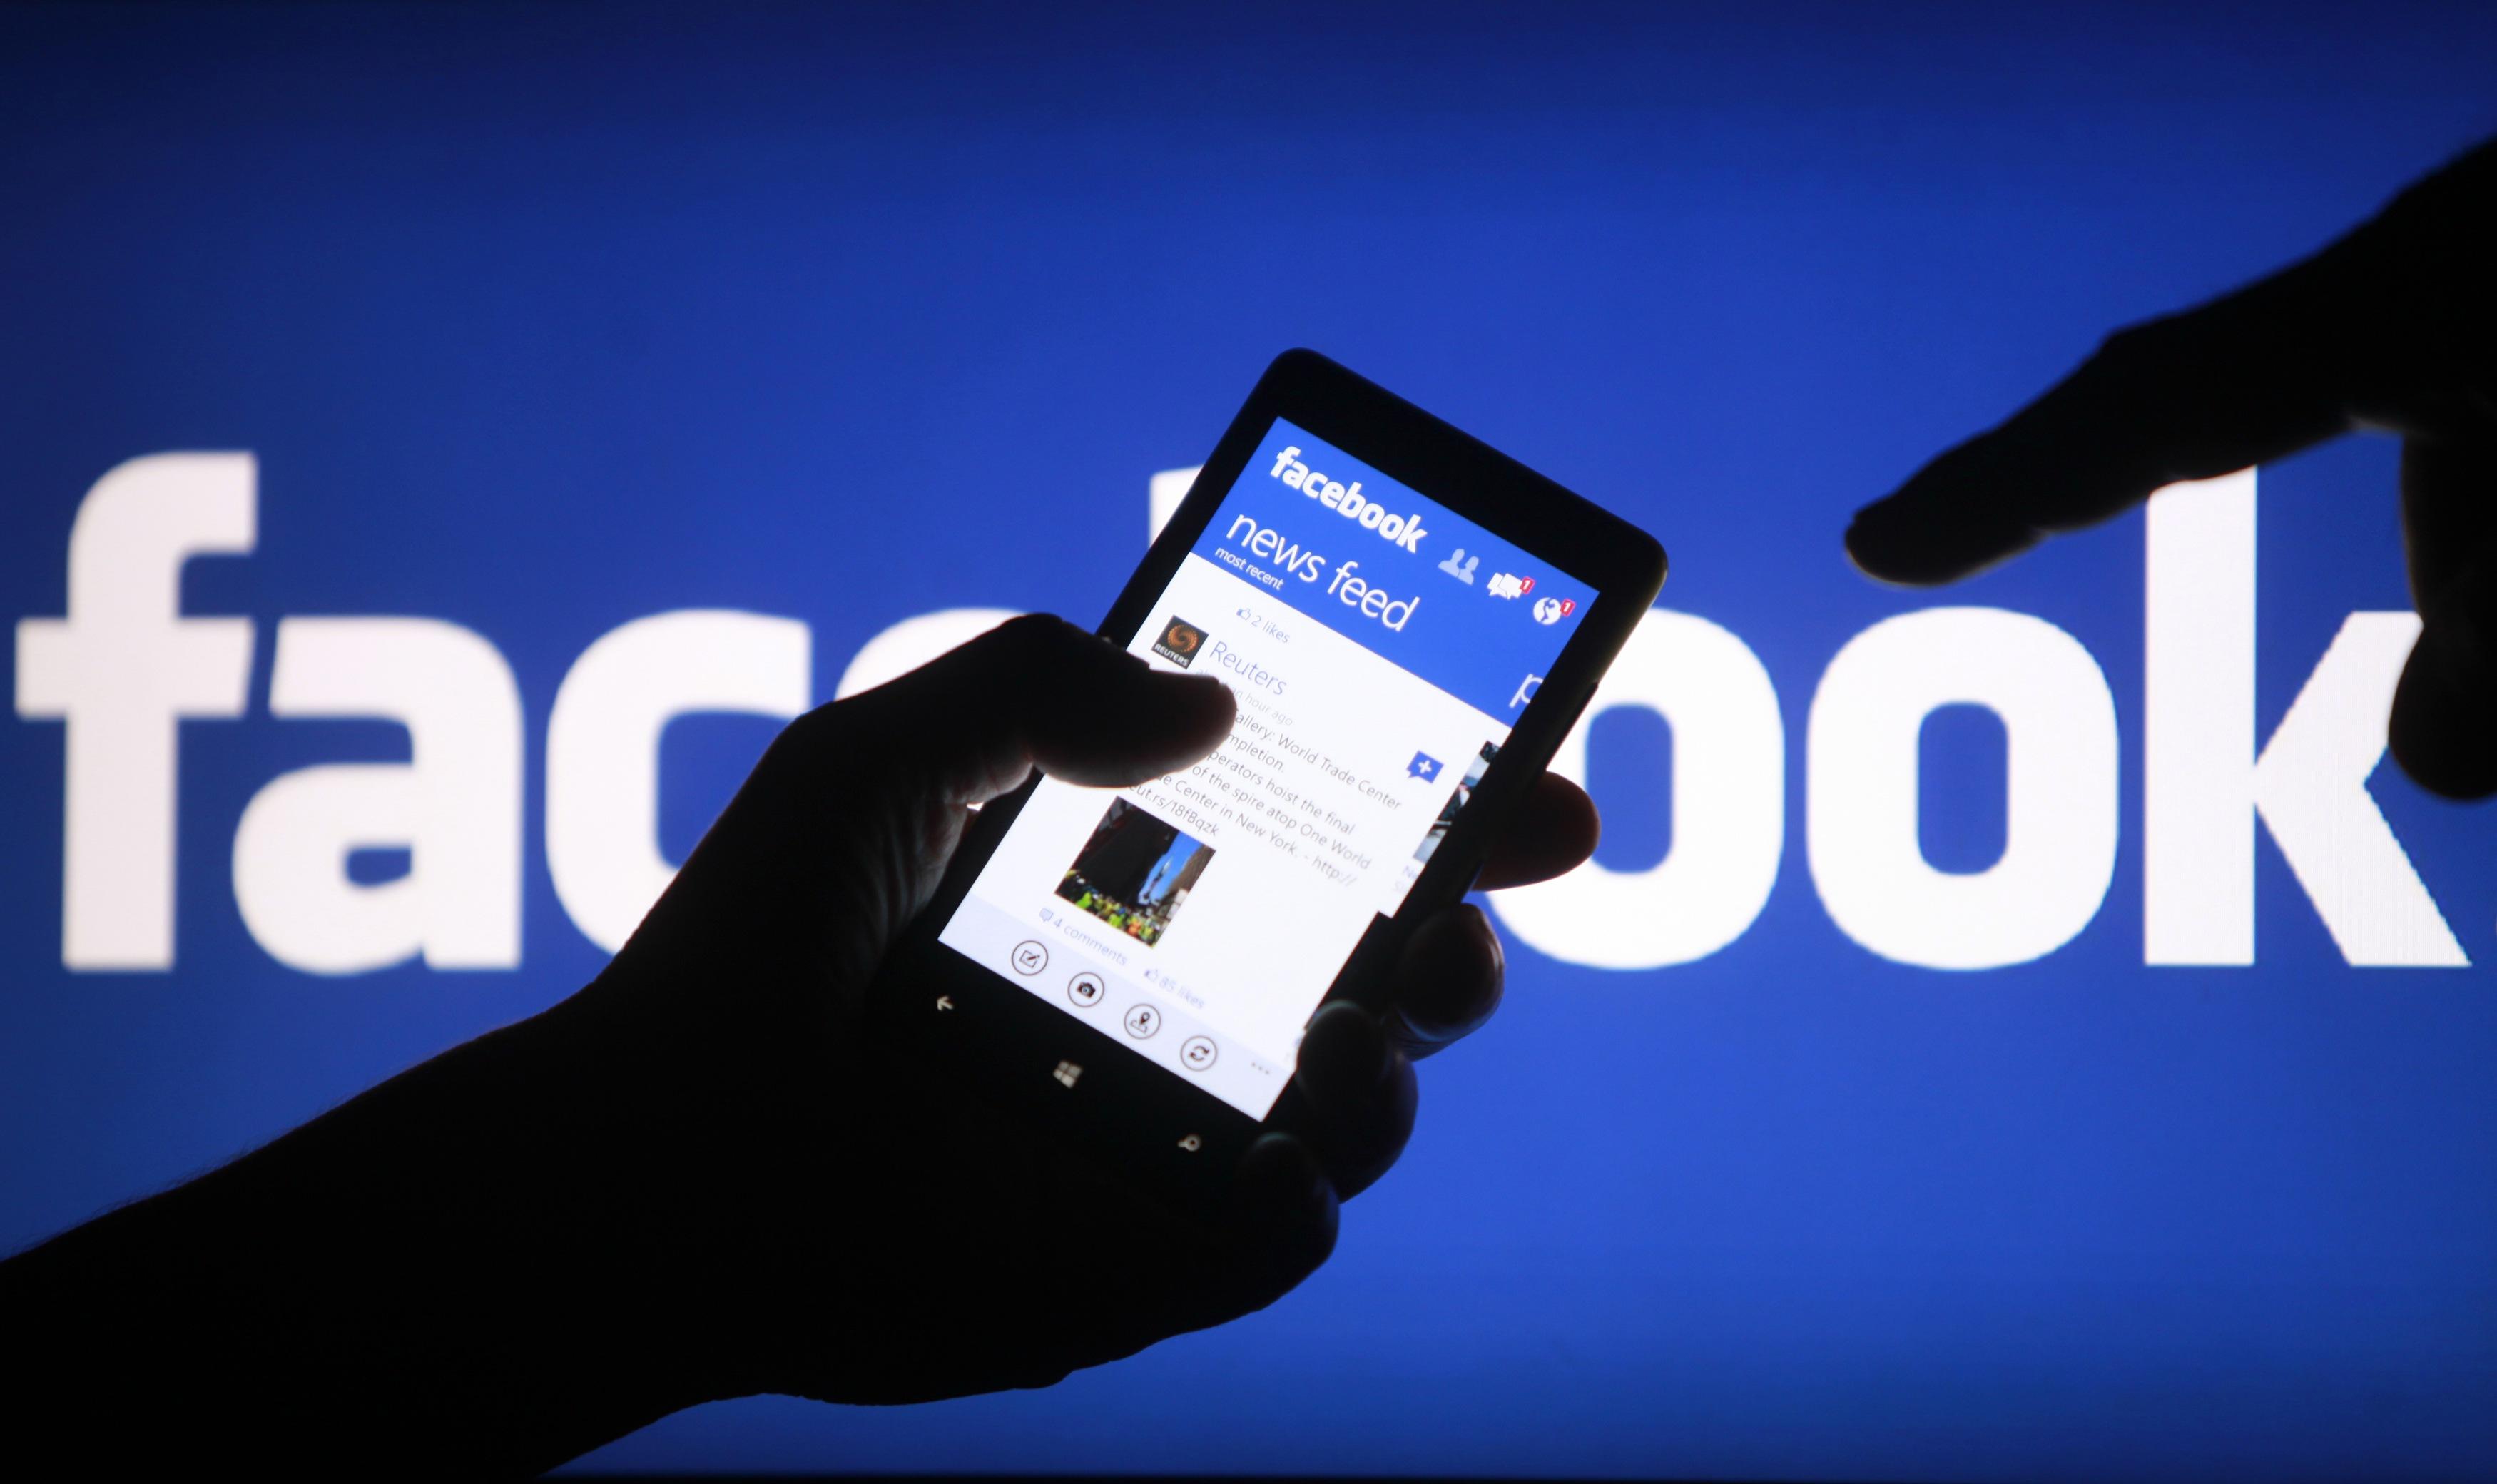 ميزة فيسبوك الجديدة  تجعله قريبا  تطبيق سناب تشات